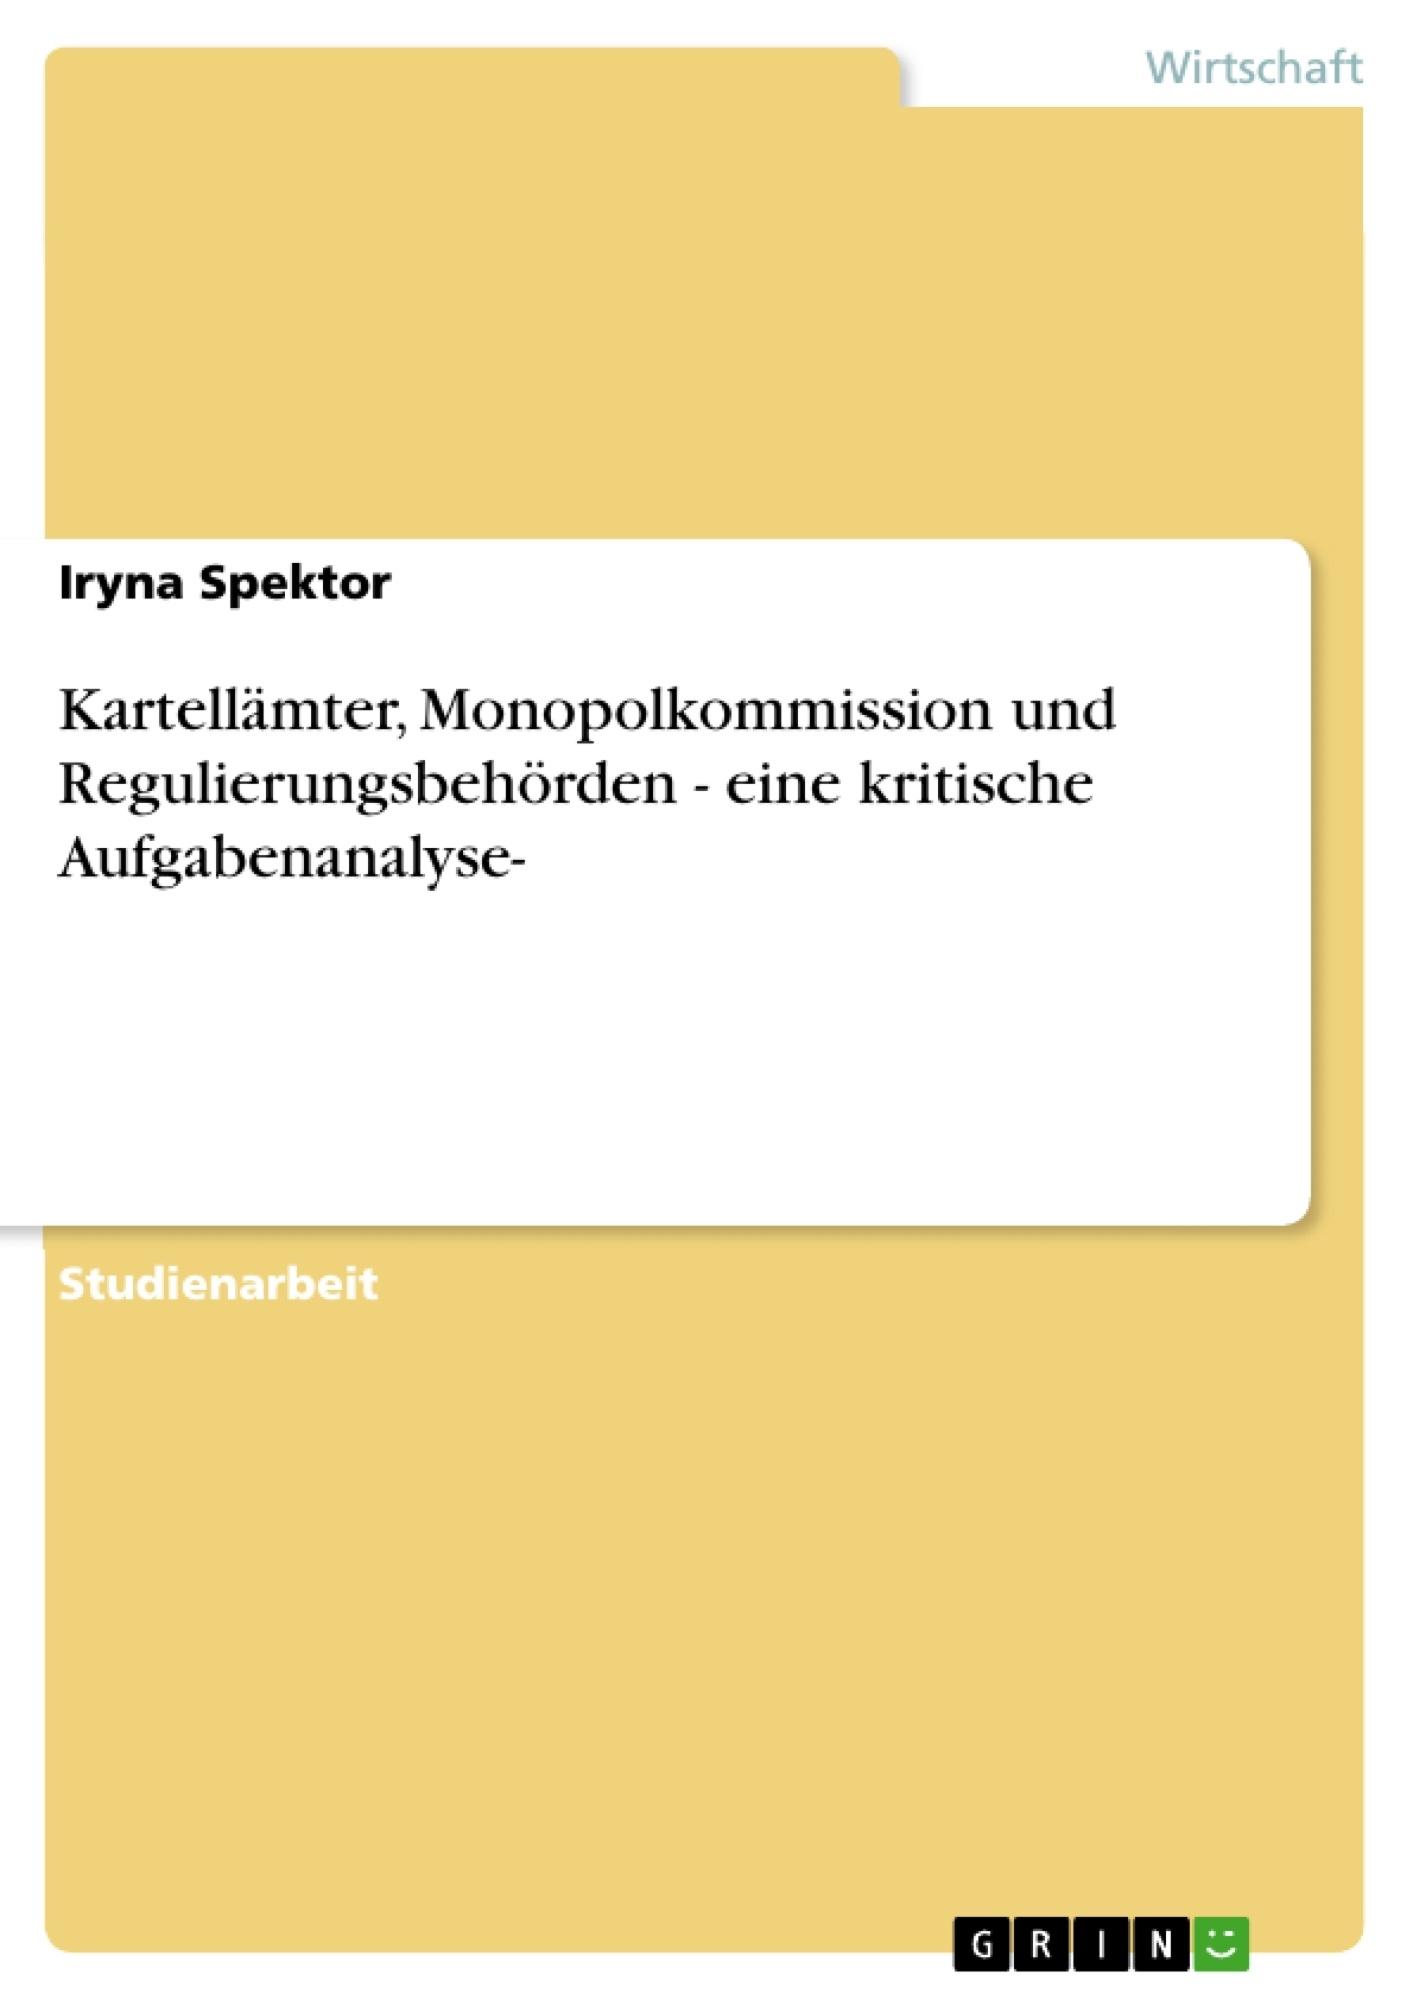 Titel: Kartellämter, Monopolkommission und Regulierungsbehörden - eine kritische Aufgabenanalyse-